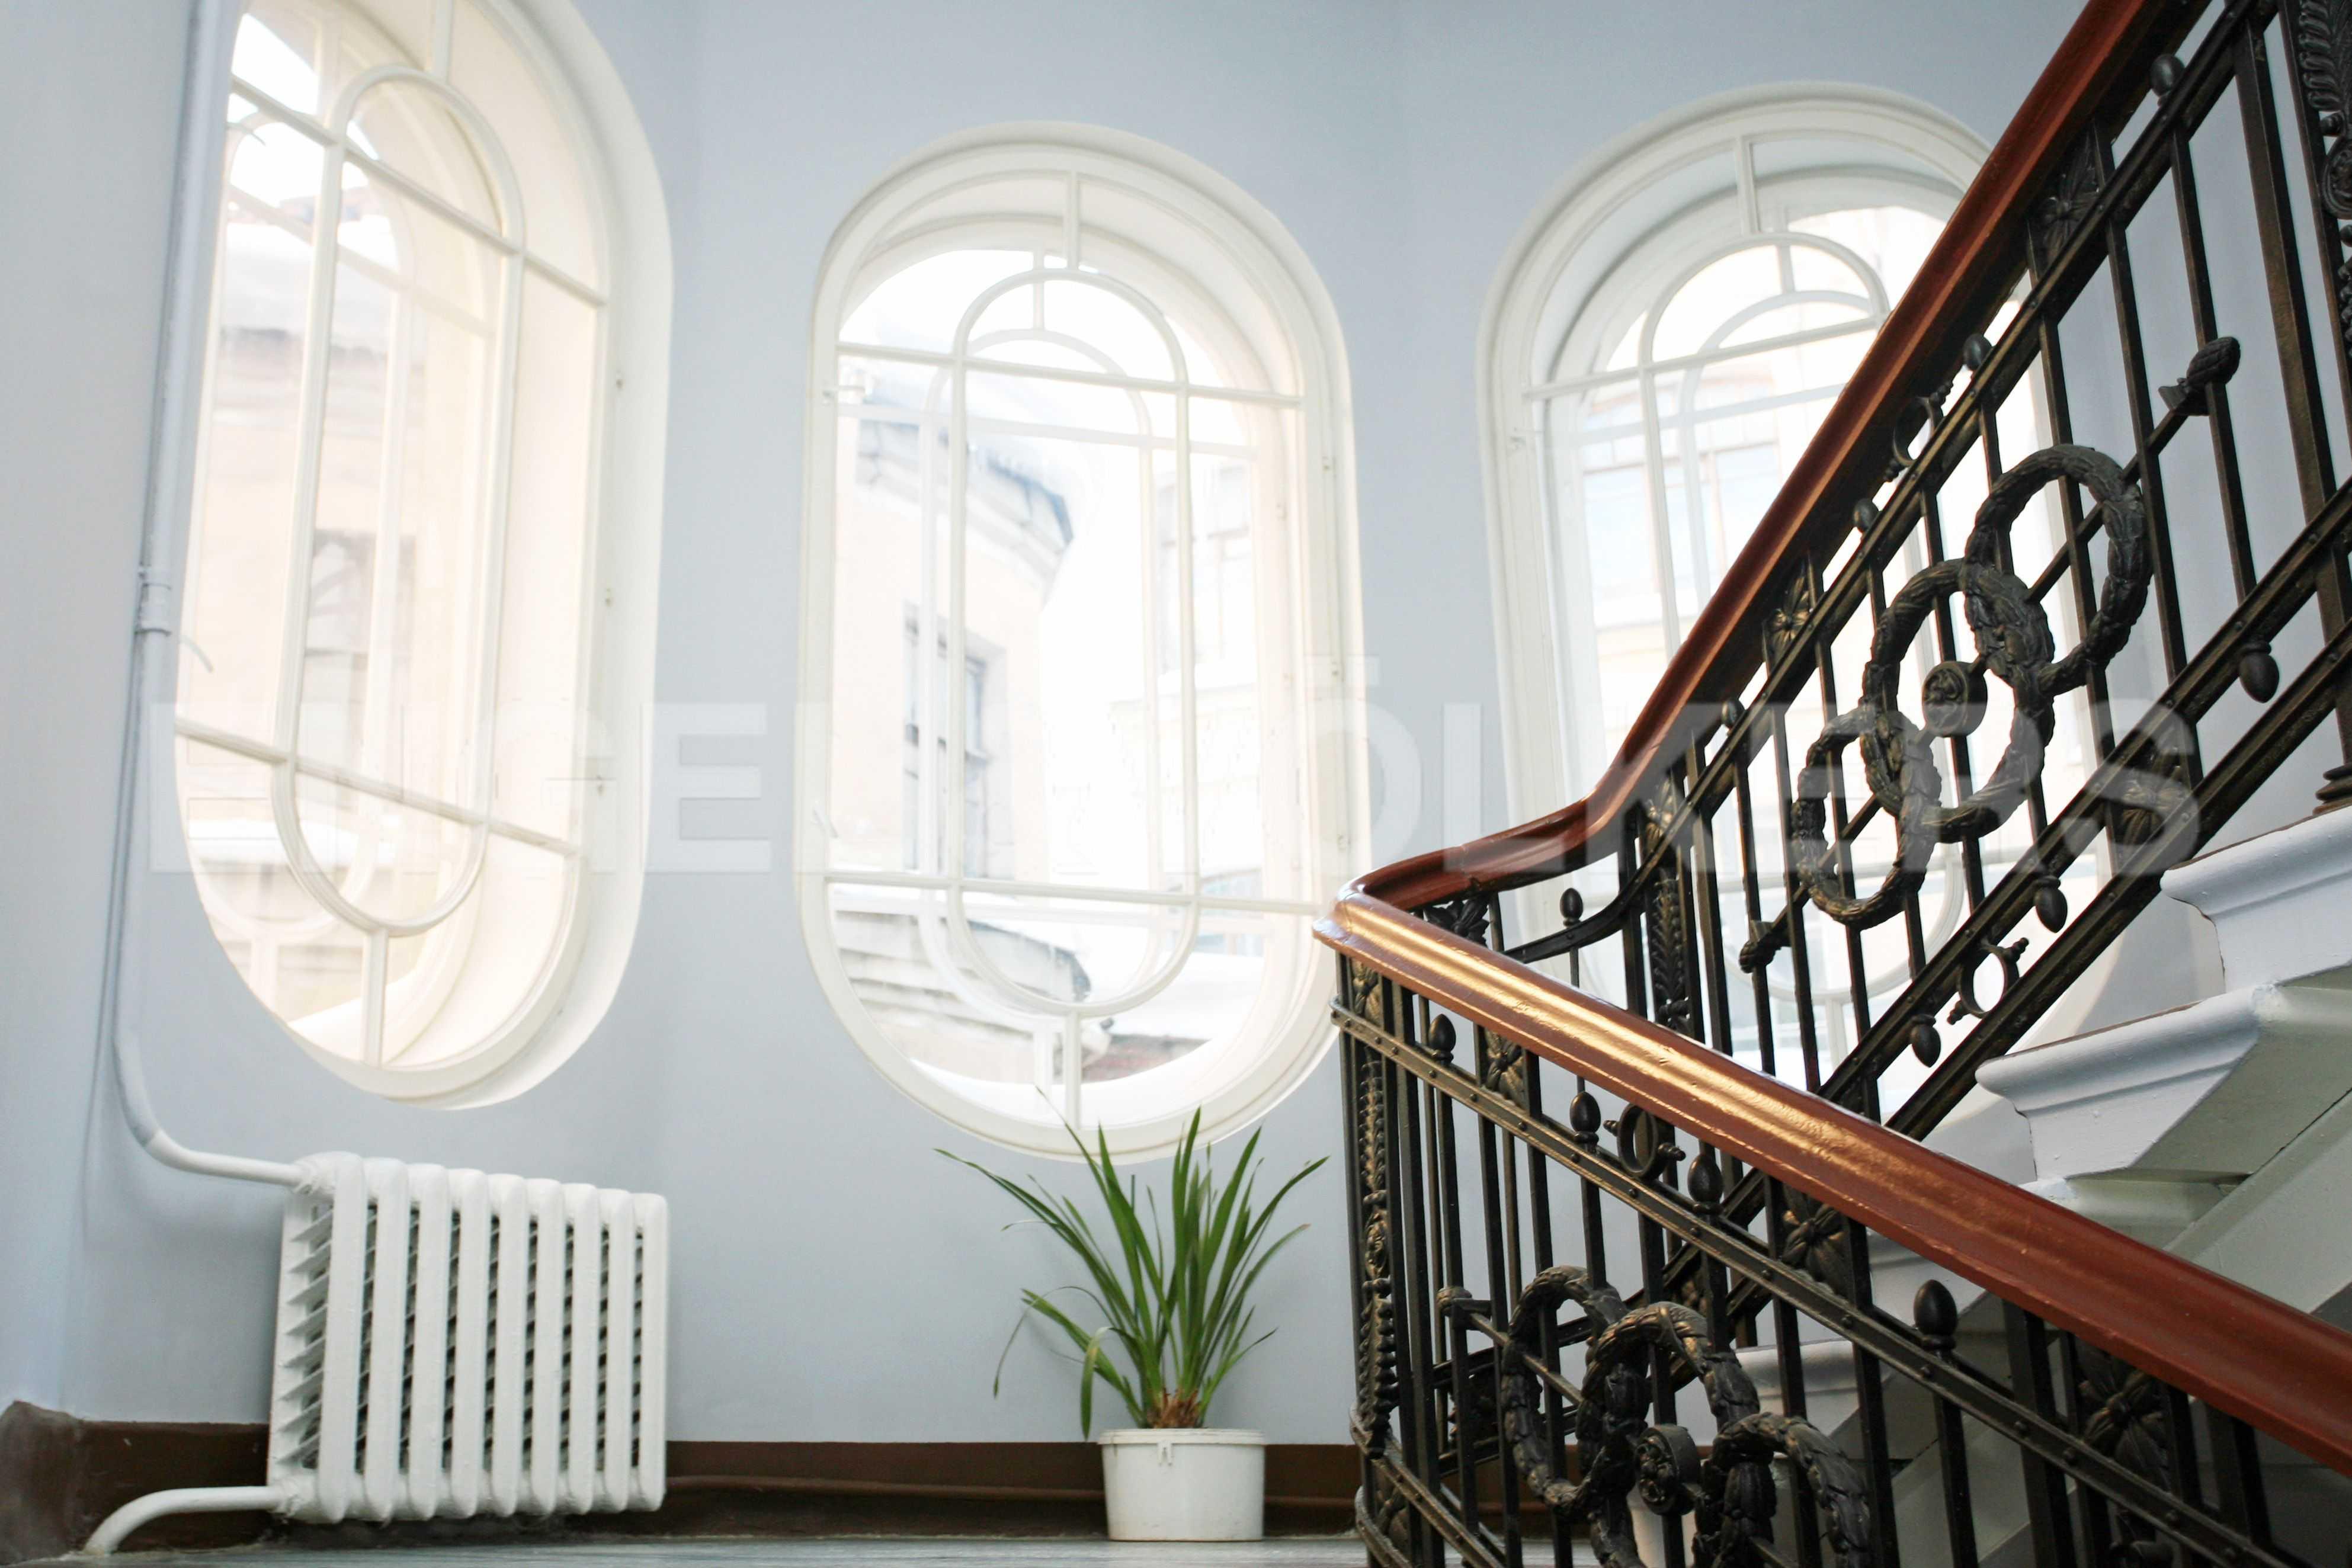 Элитные квартиры в Центральном районе. Санкт-Петербург, Таврическая, 5. Парадная лестница